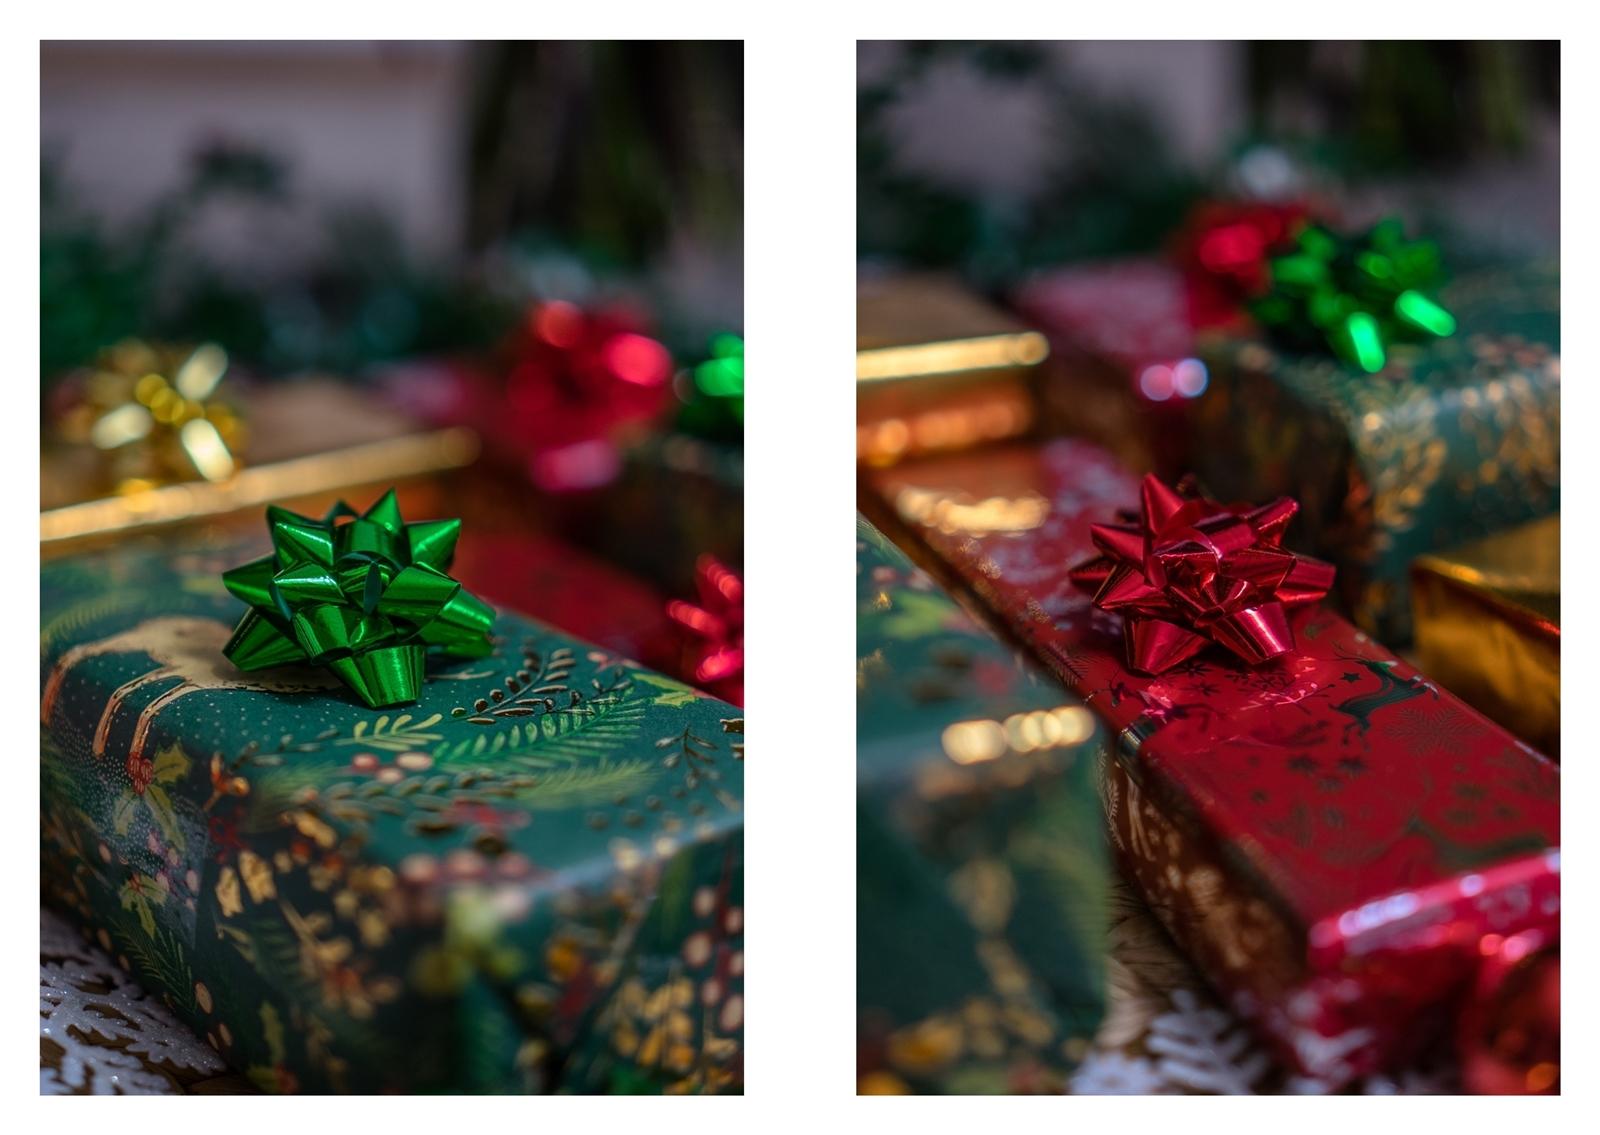 Jak zapakować prezent w papier pakowy Inspiracje na eleganckie prezenty pod choinkę  gdzie kupić ładny papier pakowy, w sarny, złoty, czerwona folia, świąteczne prezenty  krok po kroku.